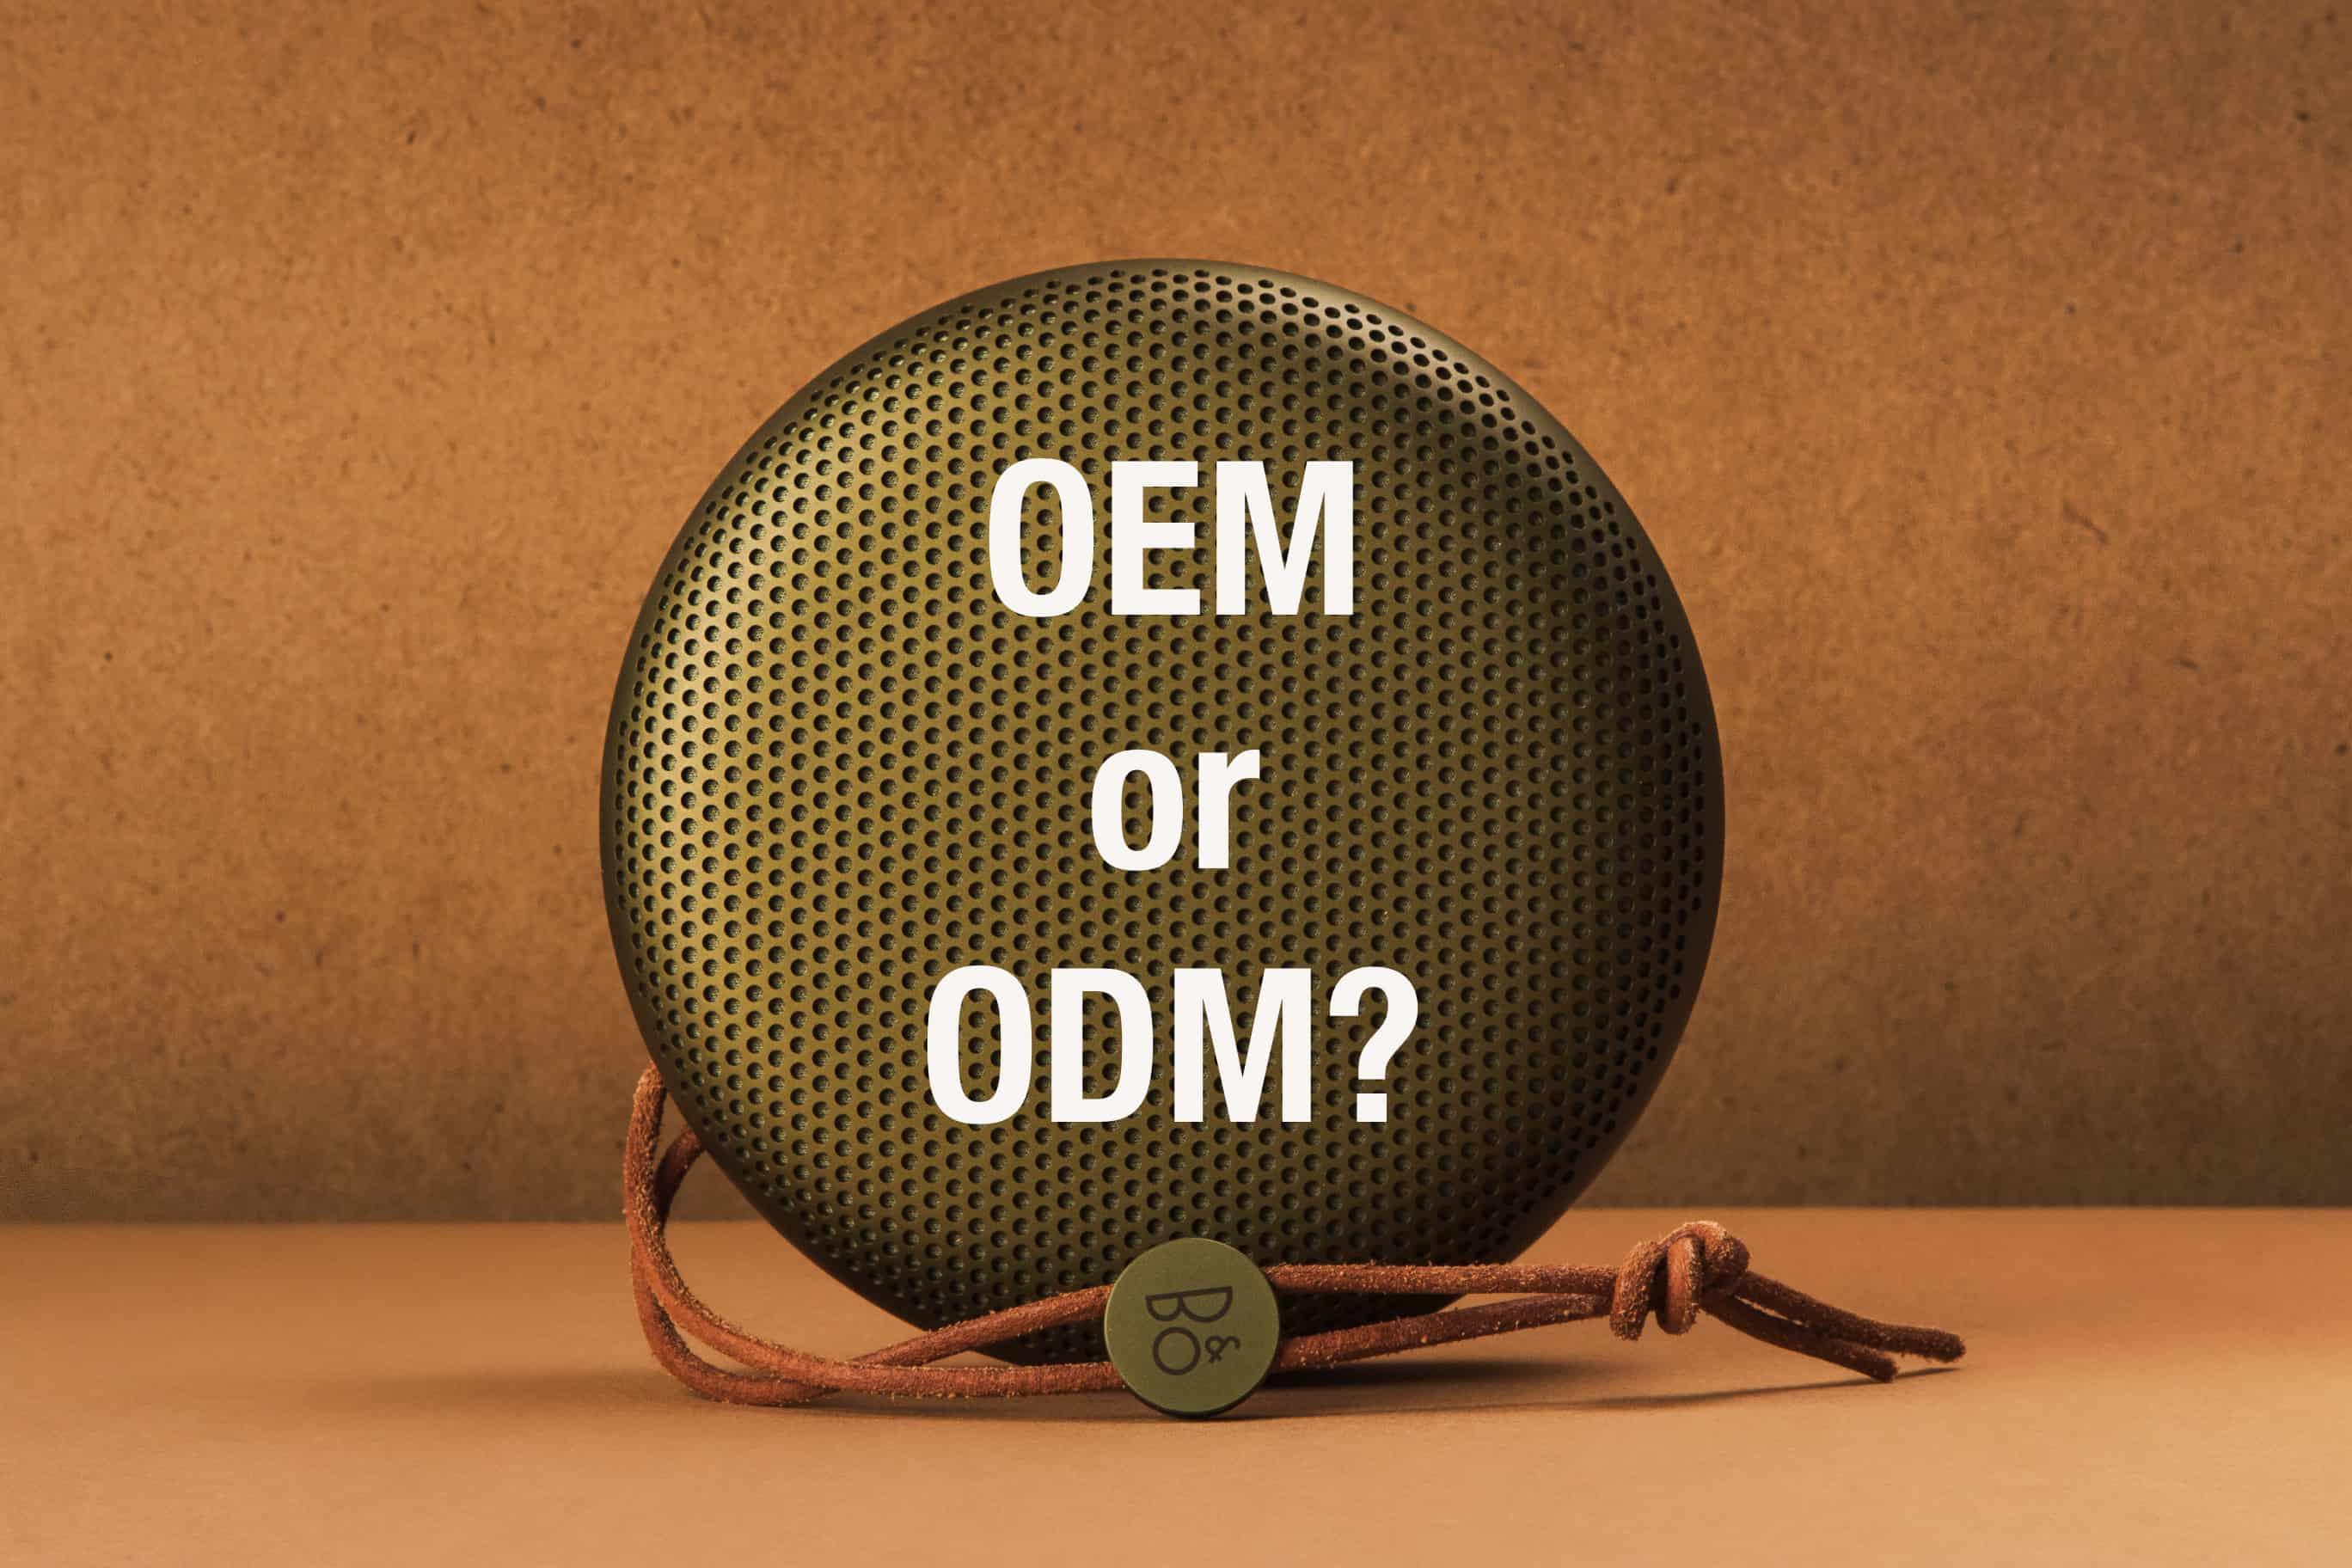 OEM-ODM